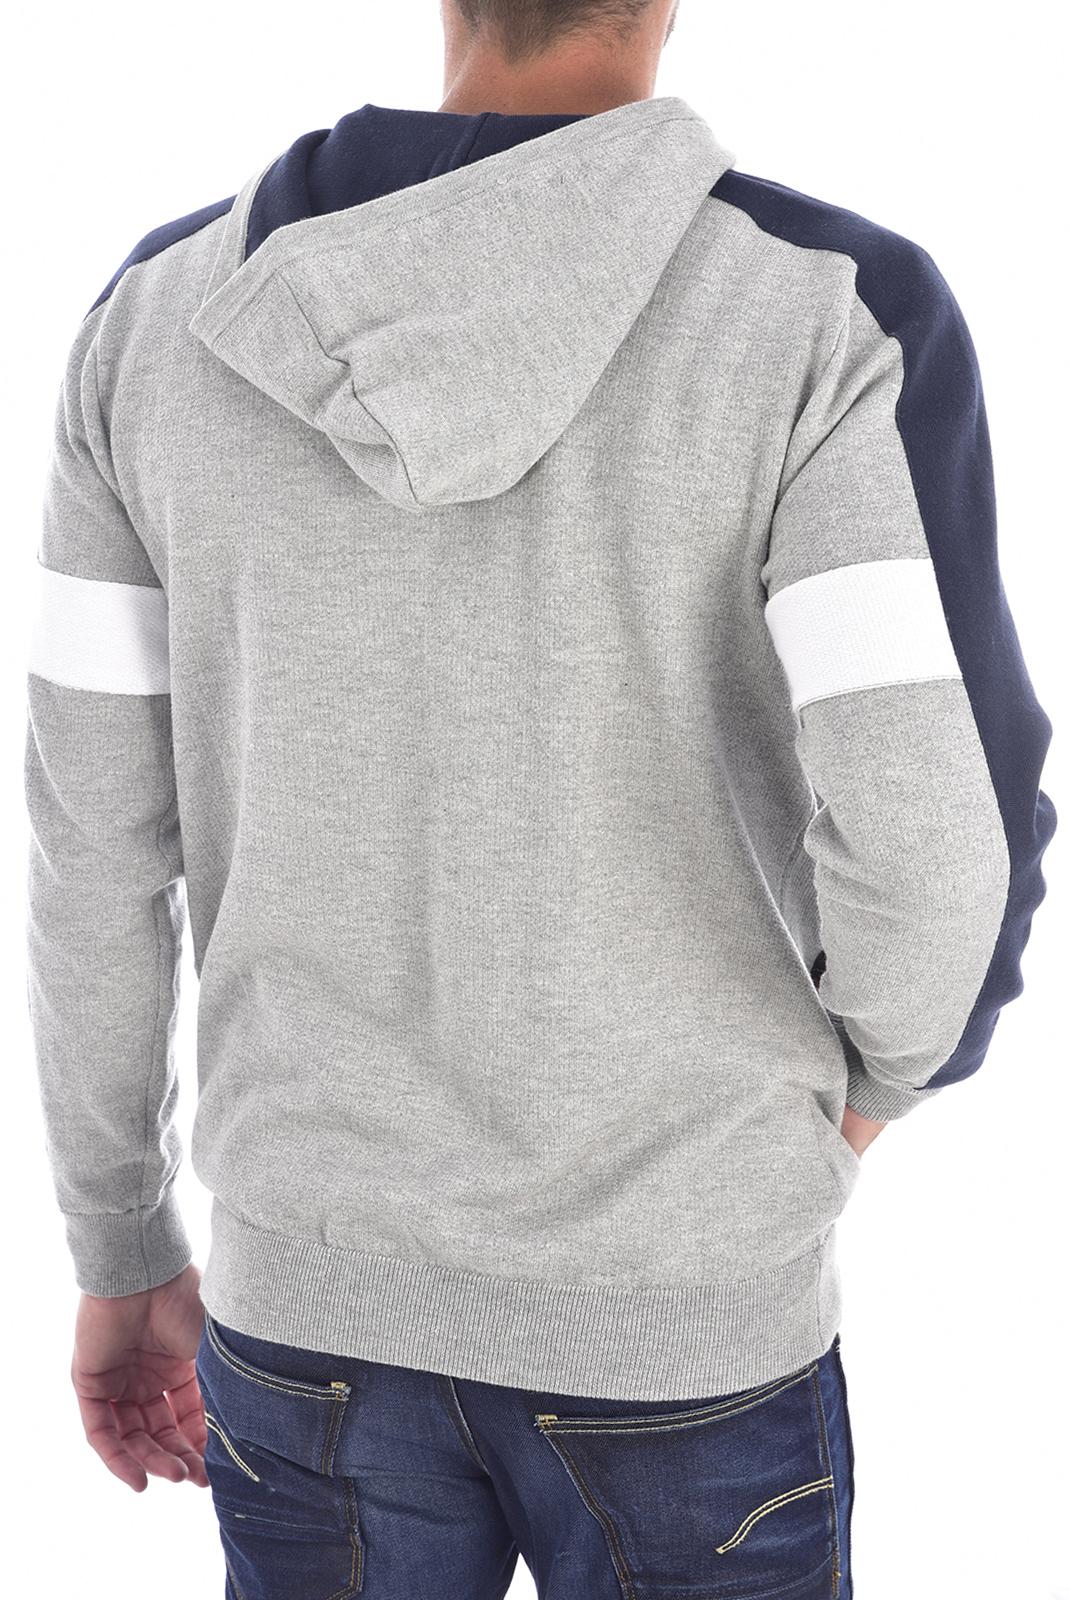 Vestes zippées  Guess jeans M94R59 Z2HL0 STONE HEATHER GREY